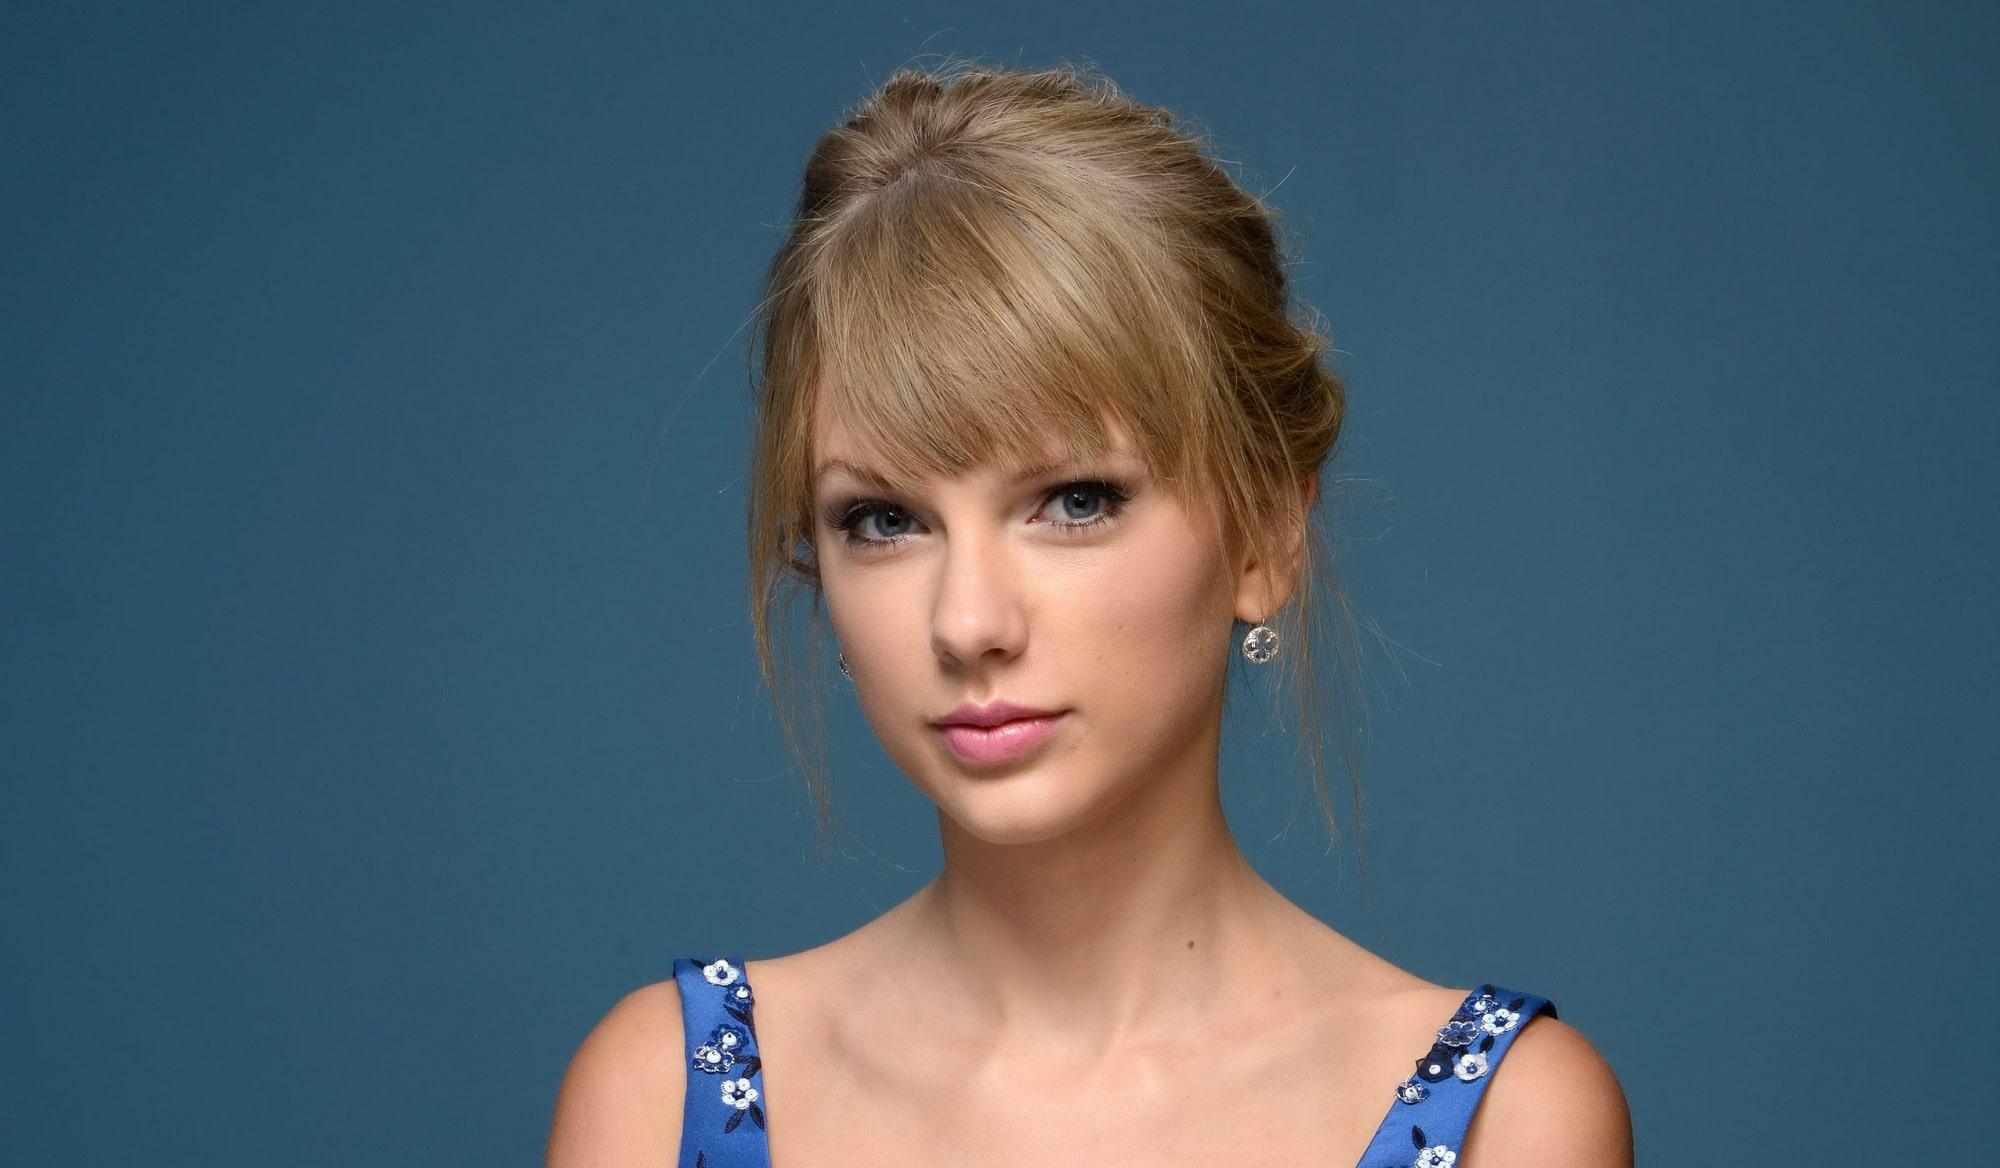 Taylor Swift Net Worth, Bio 2017-2016, Wiki - REVISED! - Richest ...